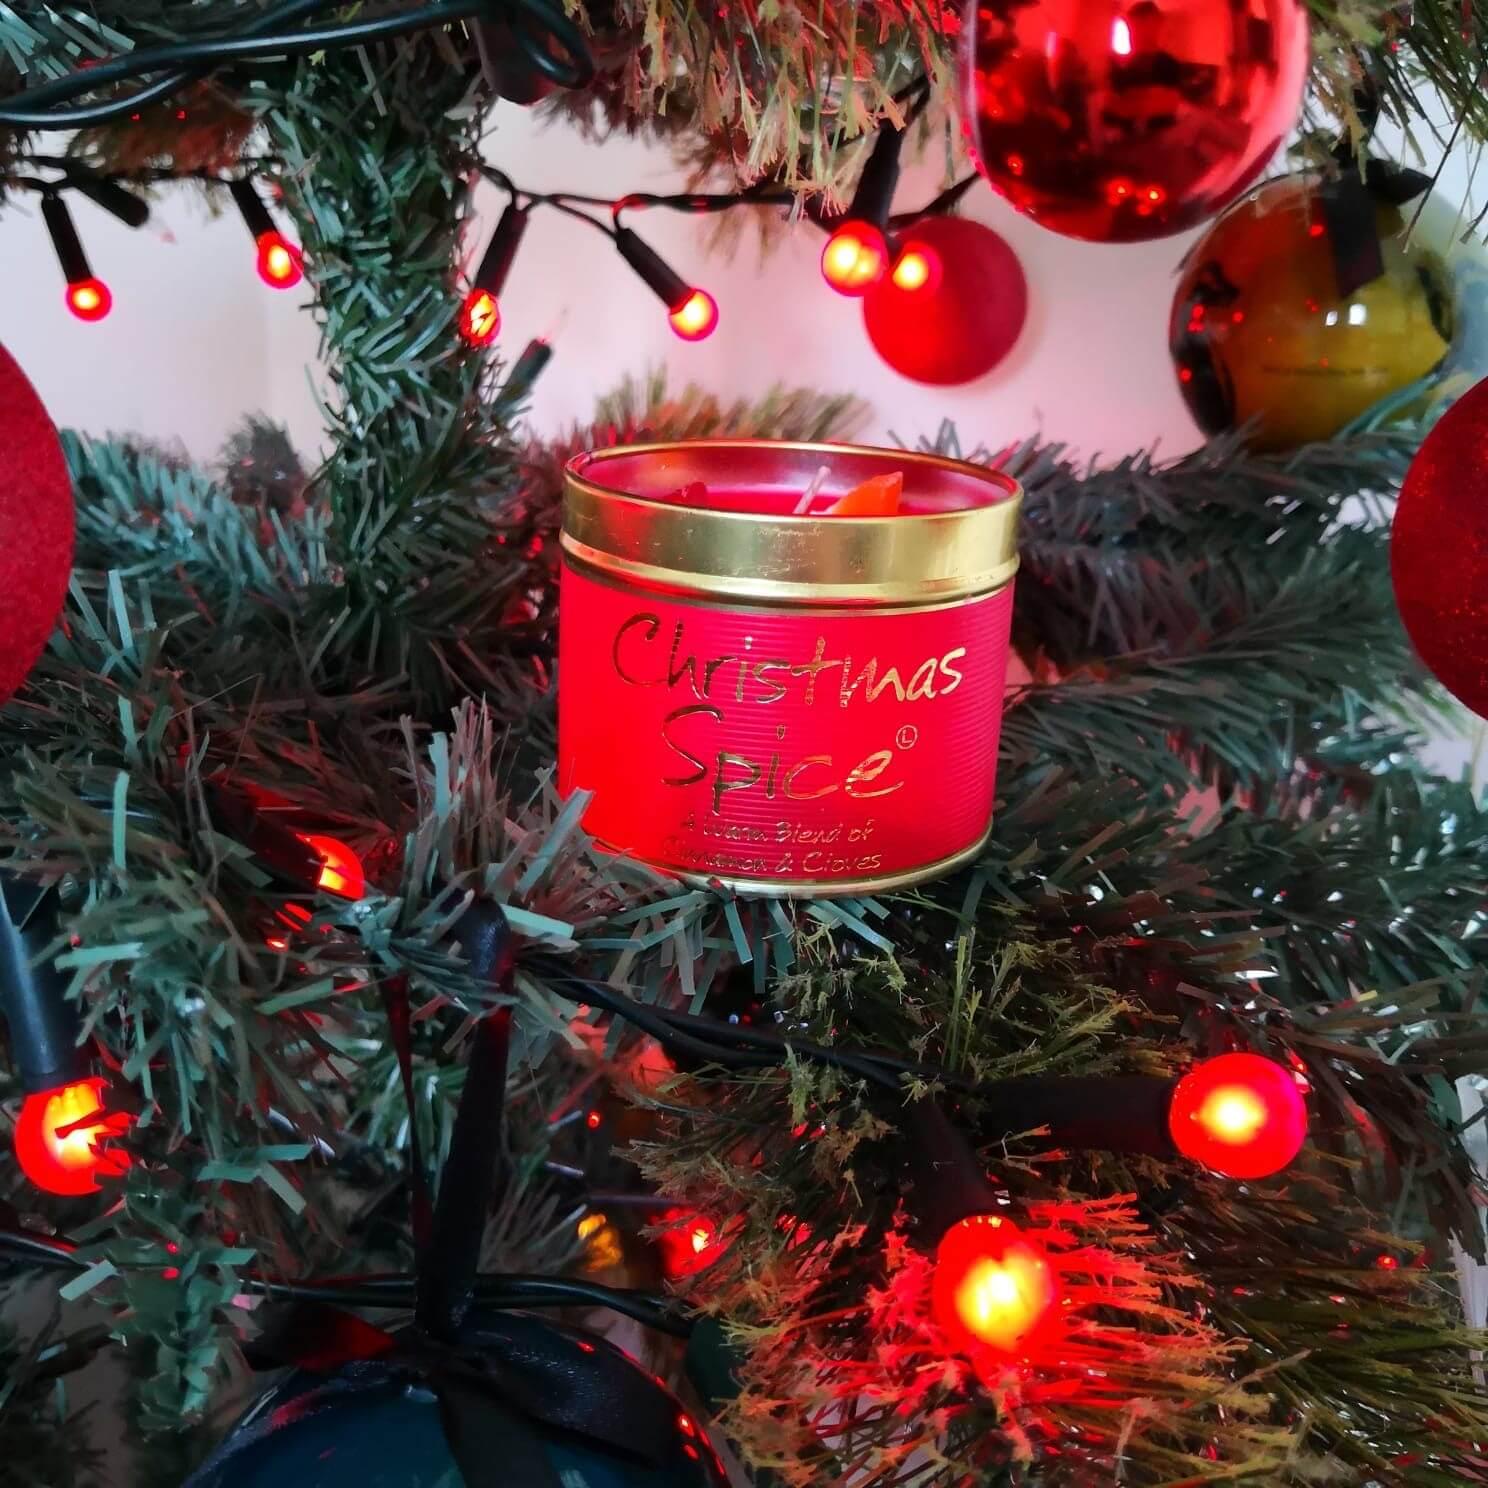 Lilyflame Christmas Candle